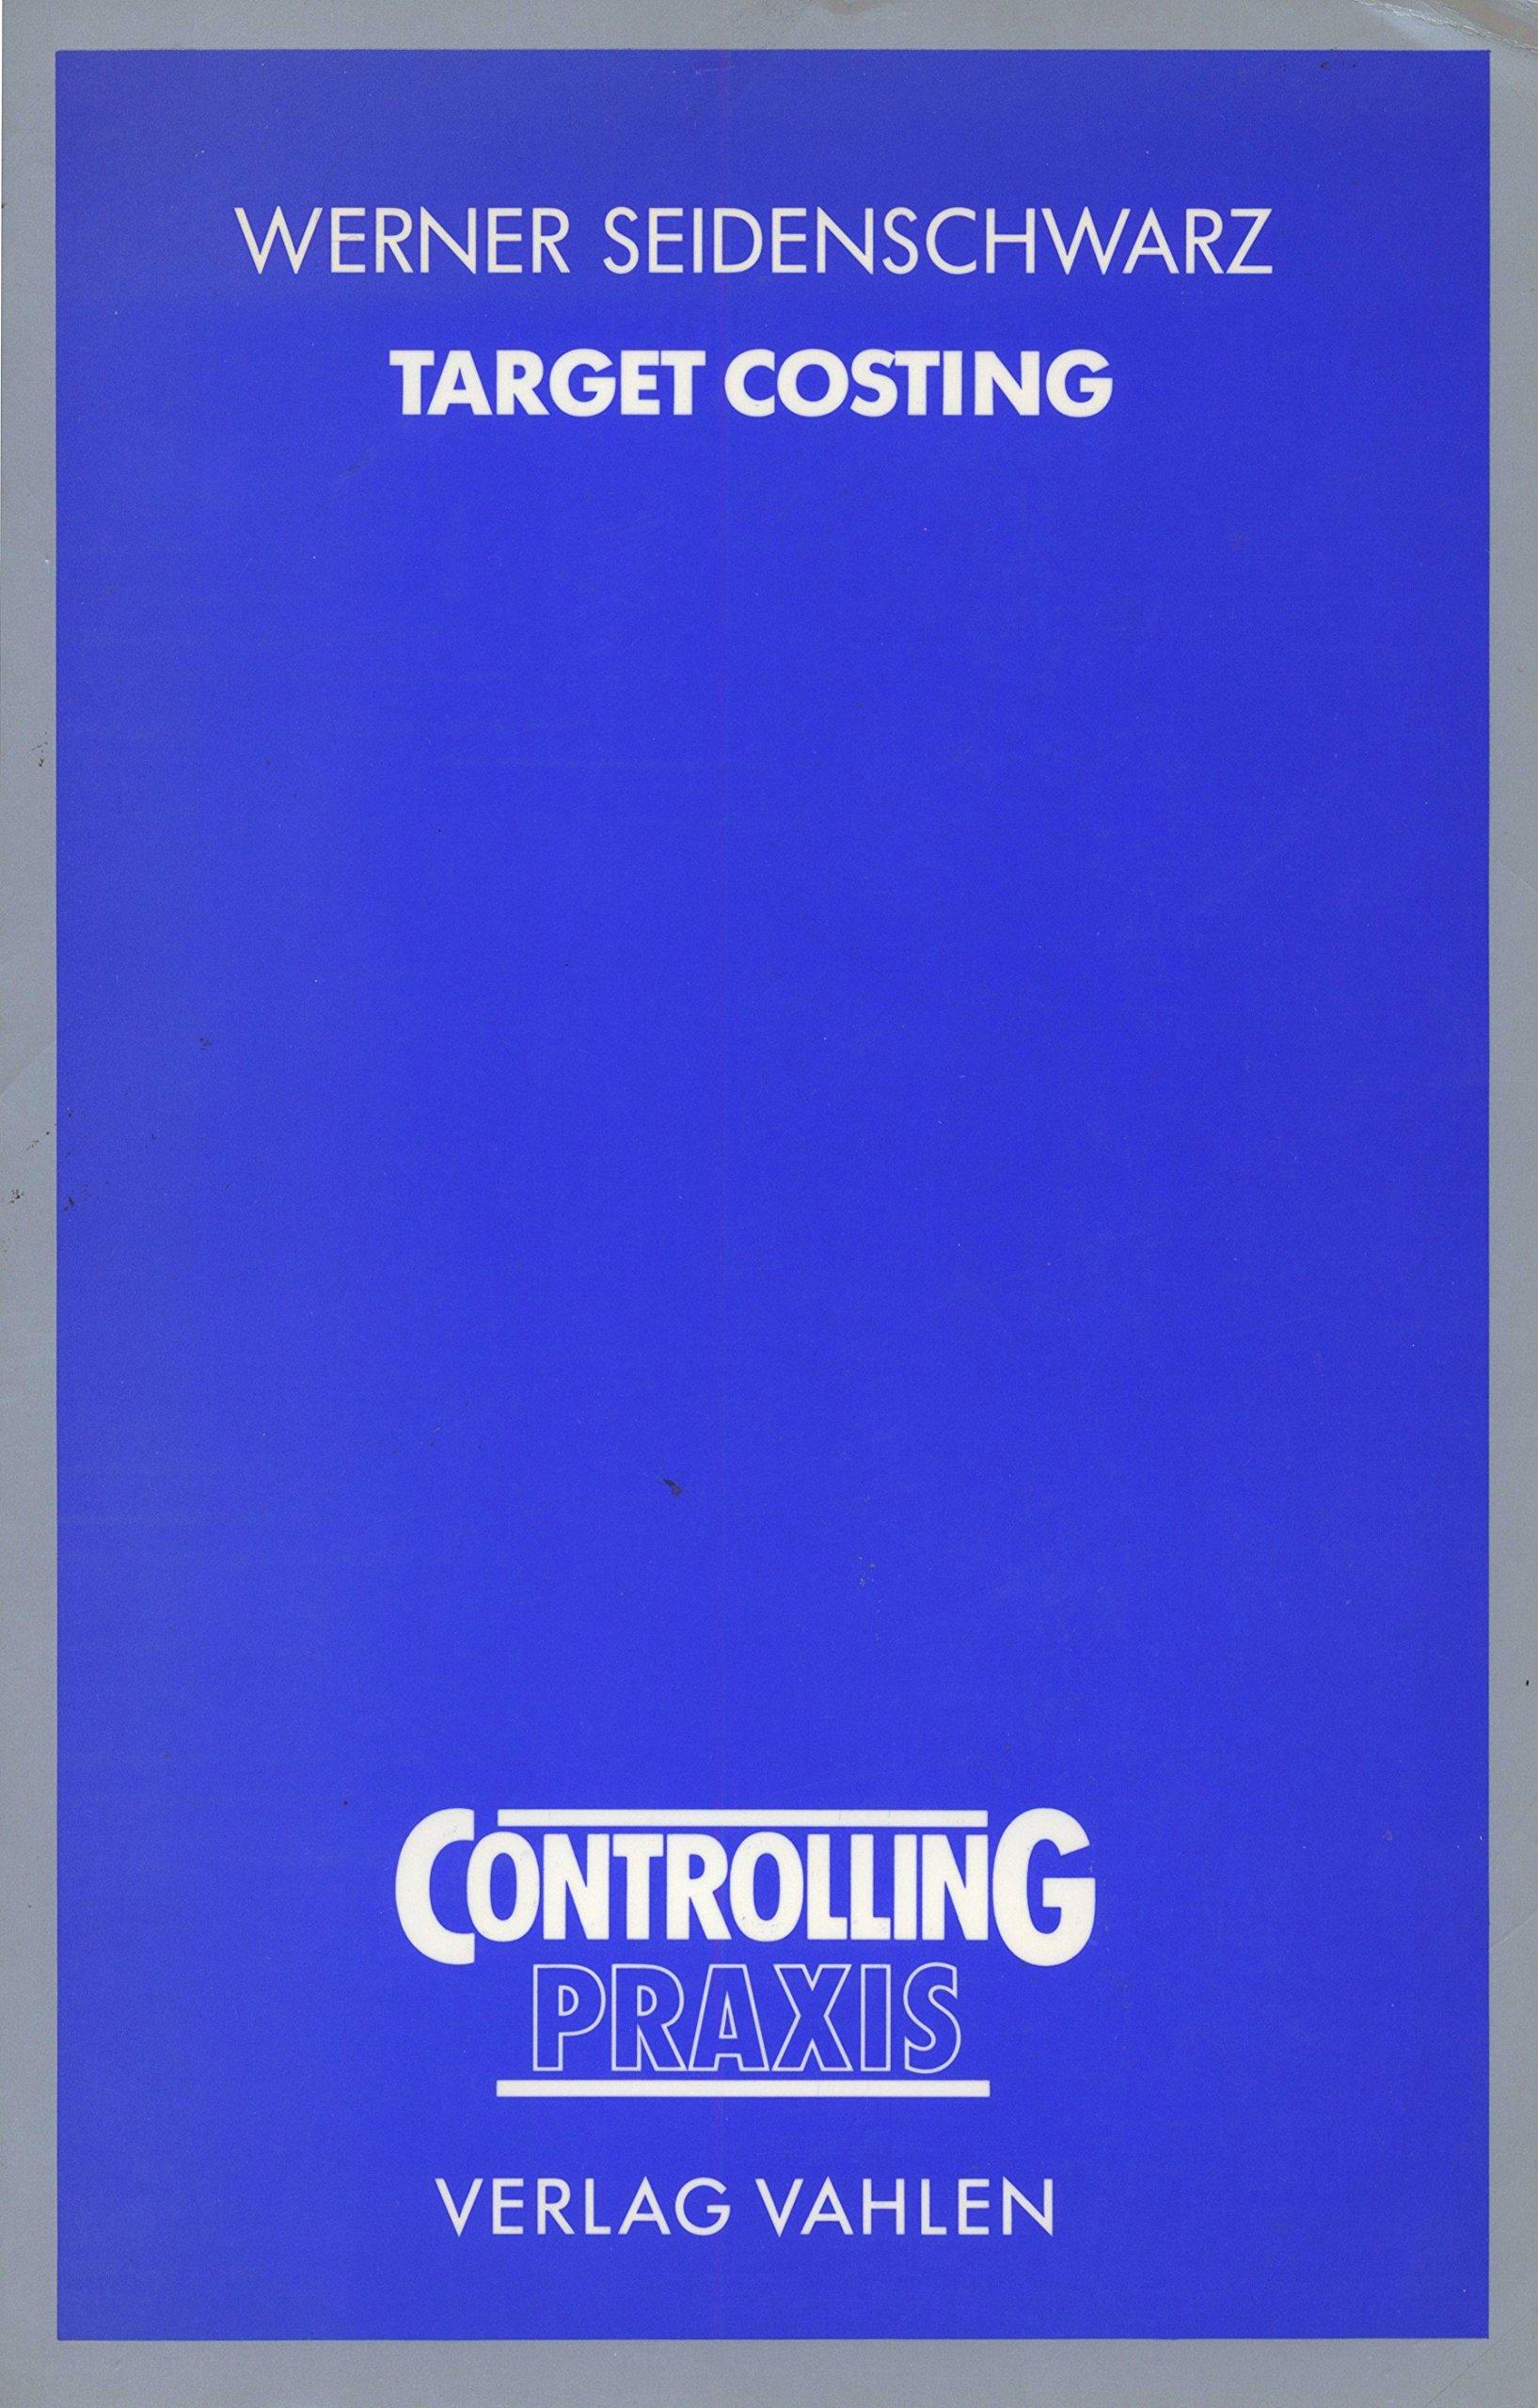 Target Costing. Marktorientiertes Zielkostenmanagement Broschiert – Oktober 1996 Werner Seidenschwarz Vahlen Franz GmbH 3800617234 262292